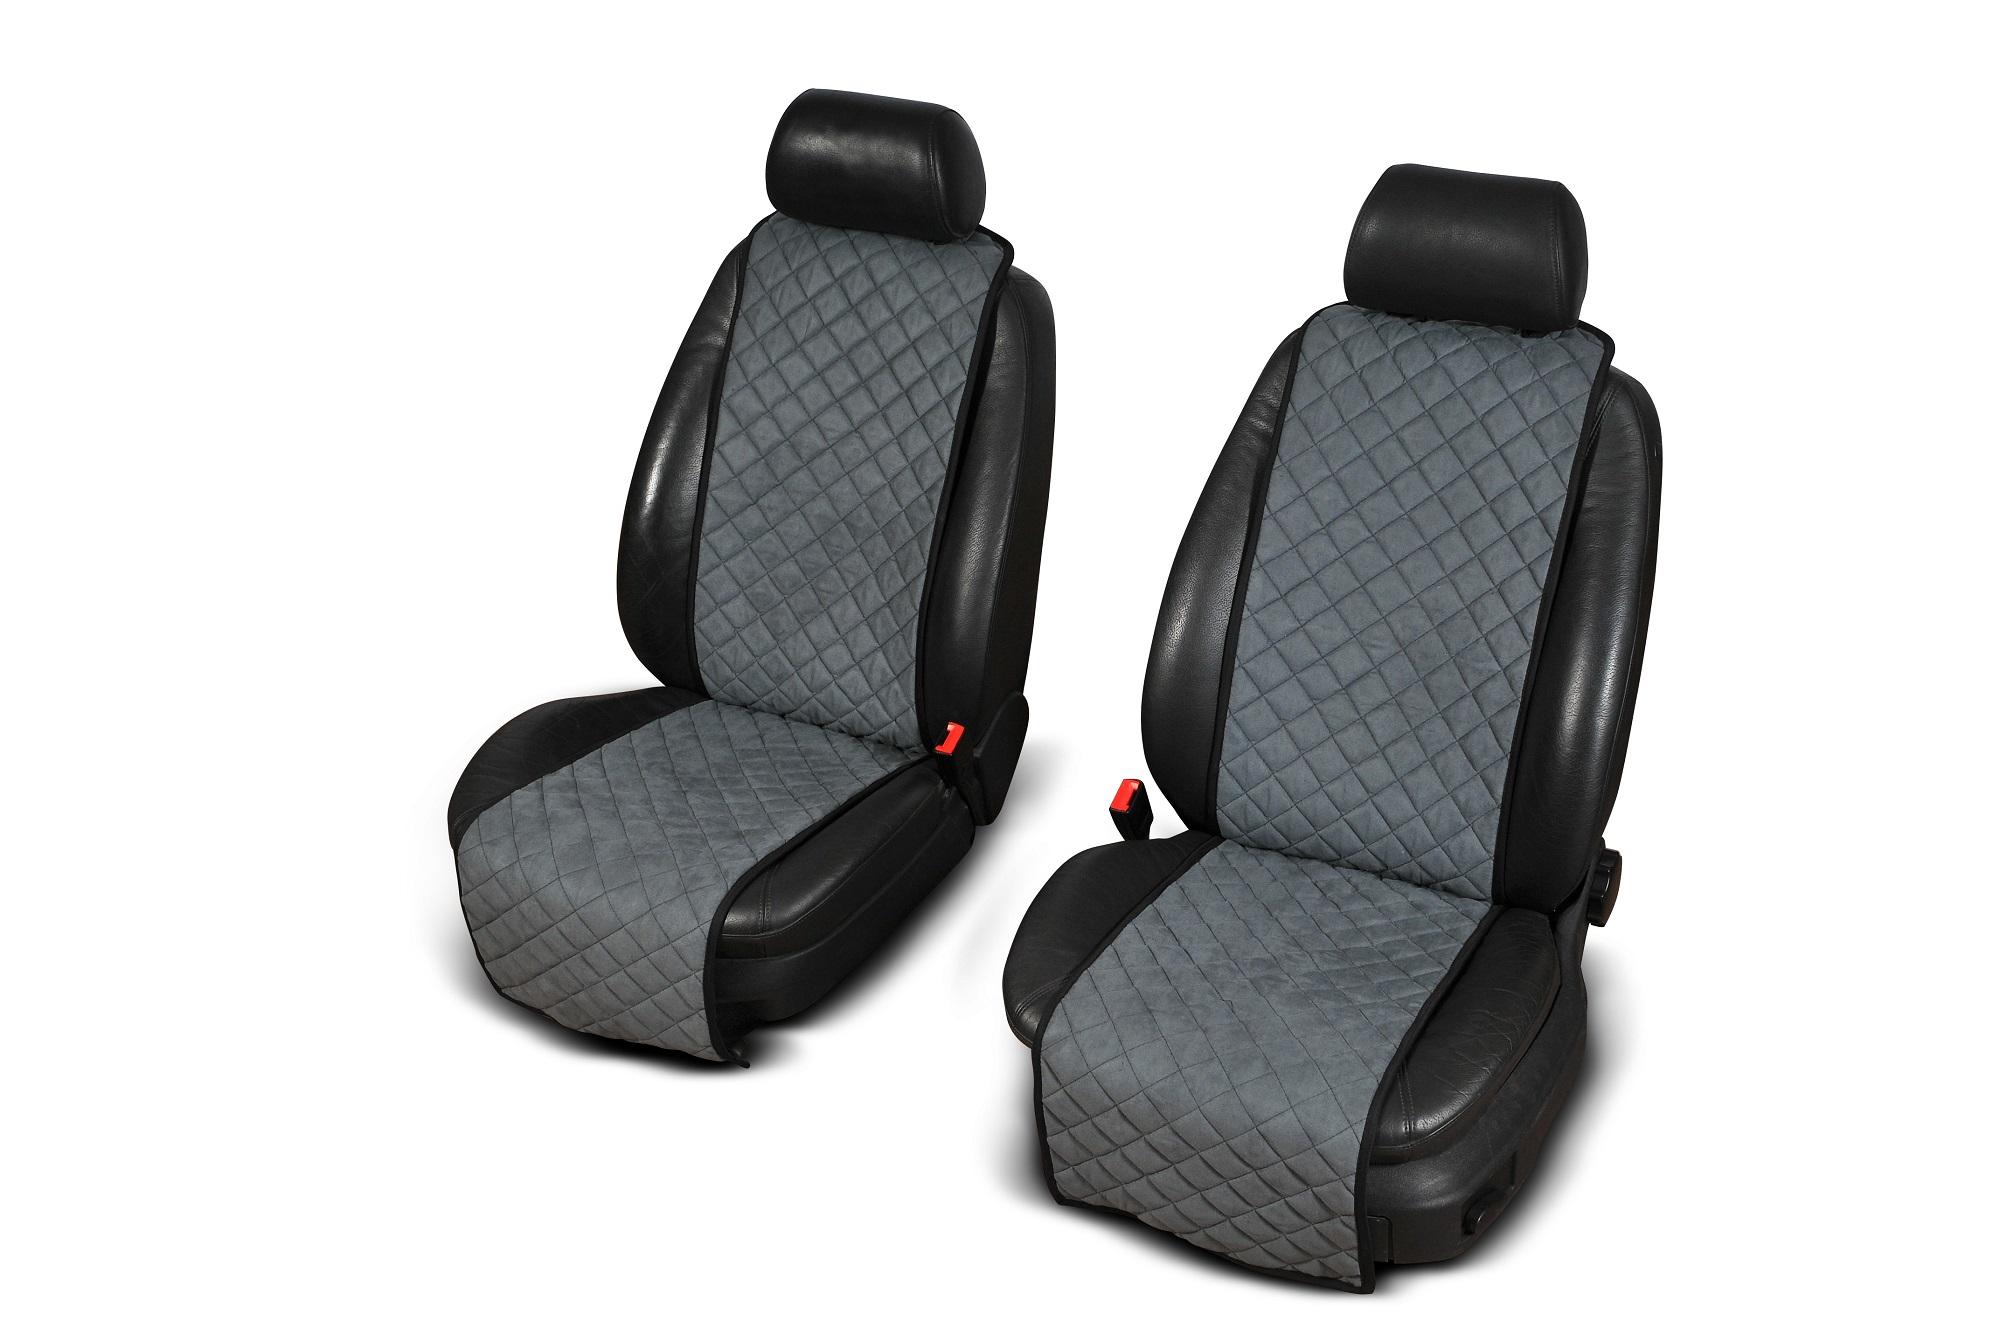 Autopotahy Cantra - Standardní. 2x autopotahy na přední sedadla Barva: Béžová